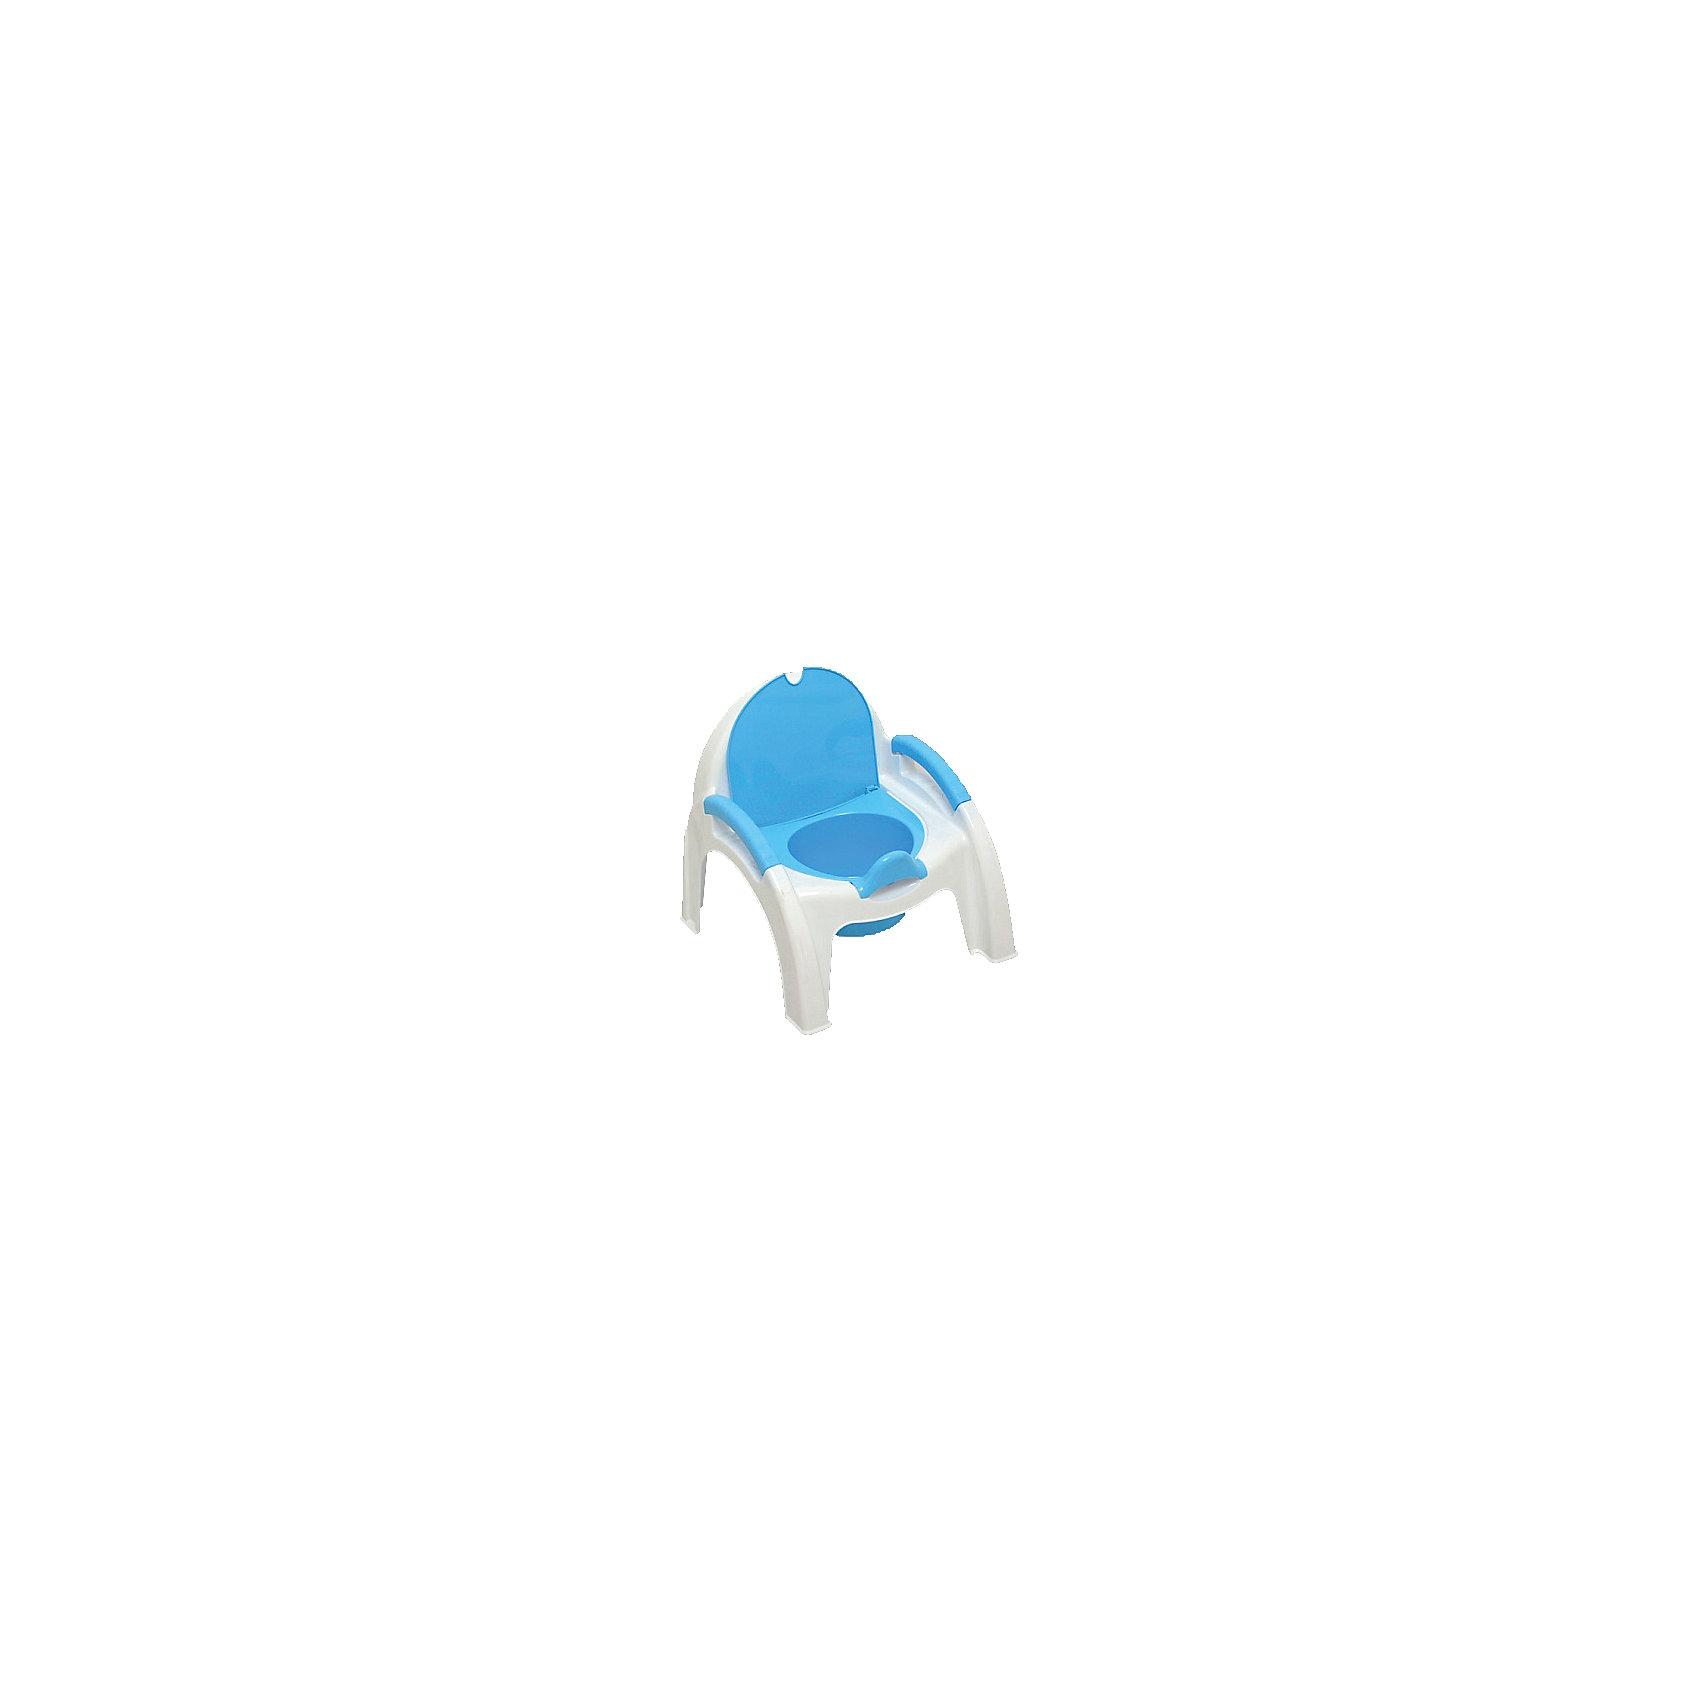 Горшок-стульчик Маша и Медведь, Пластишка, голубой